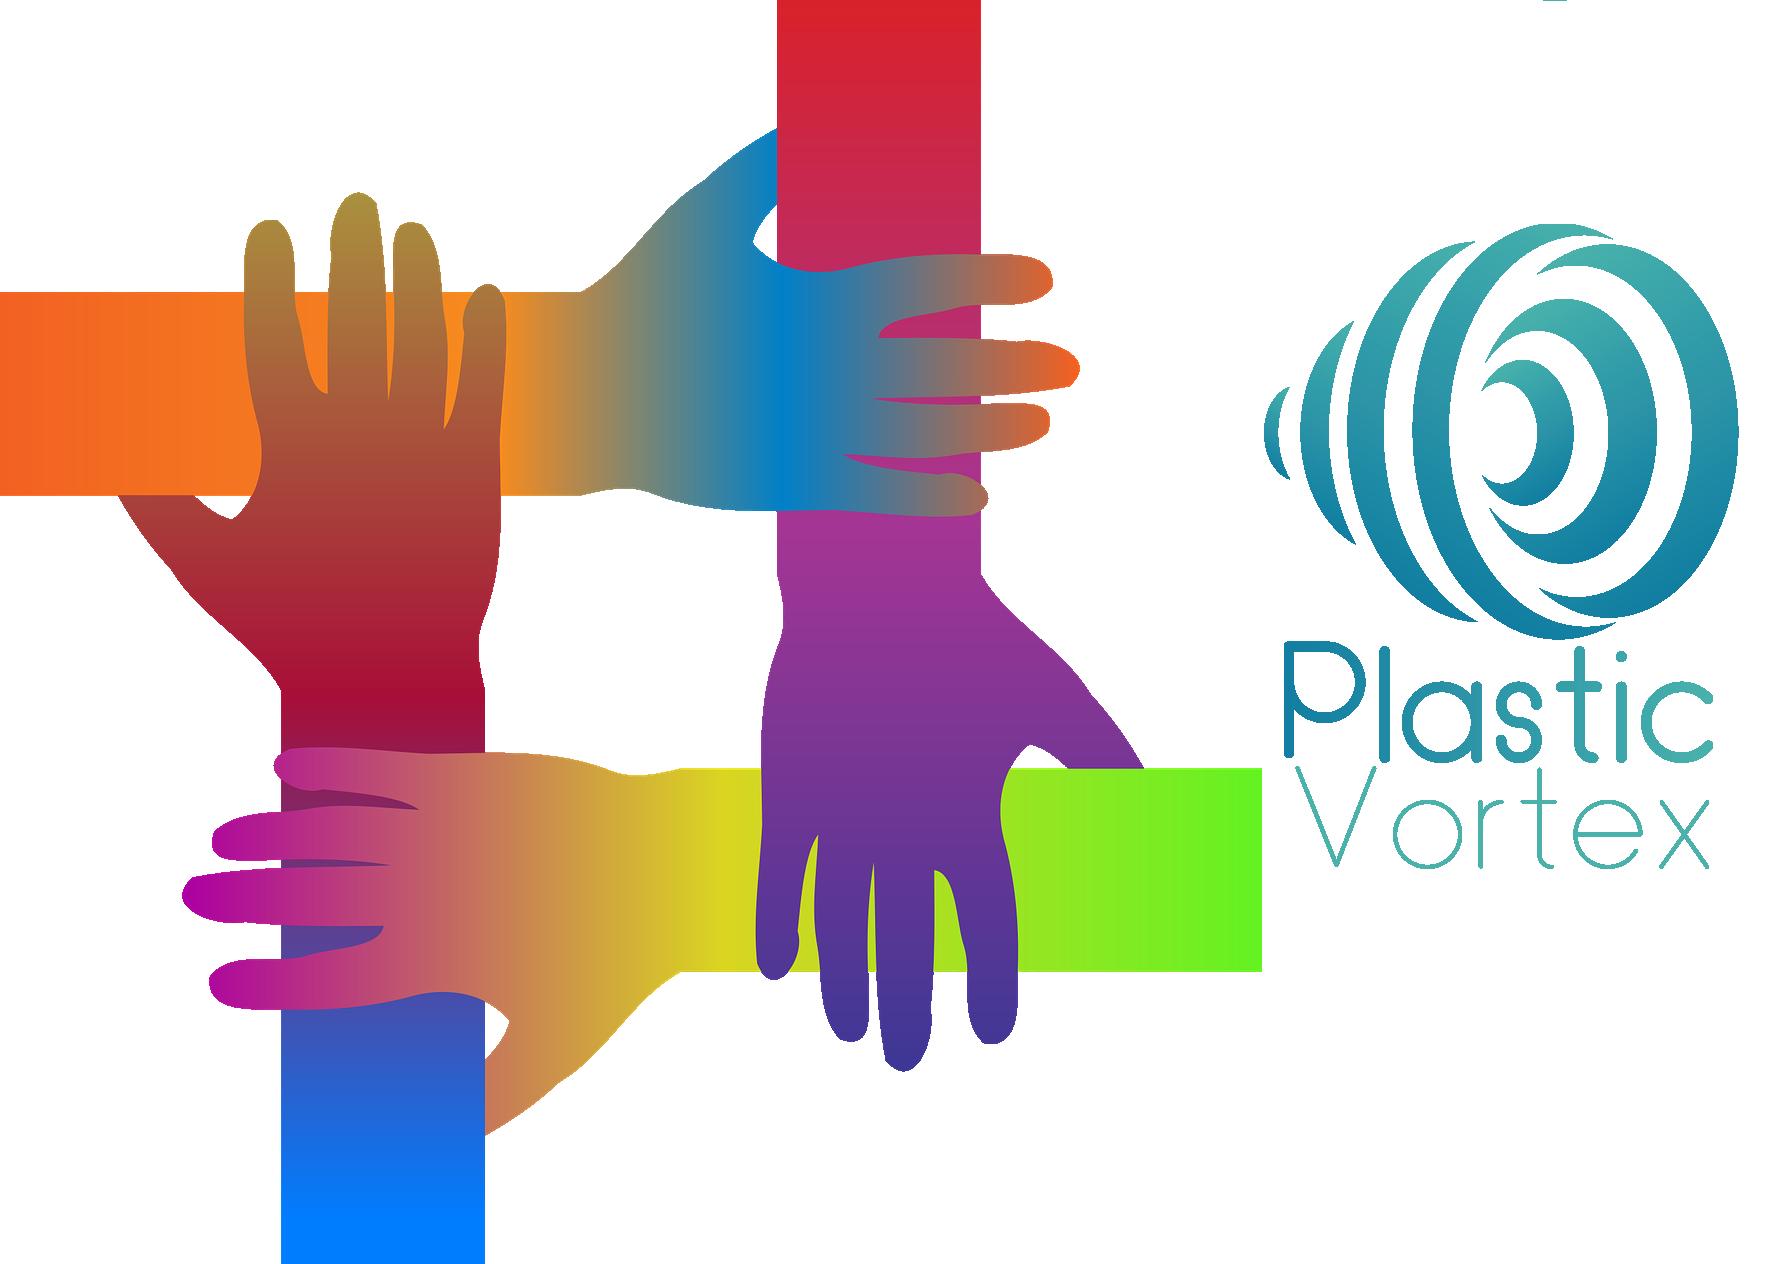 plastic vortex